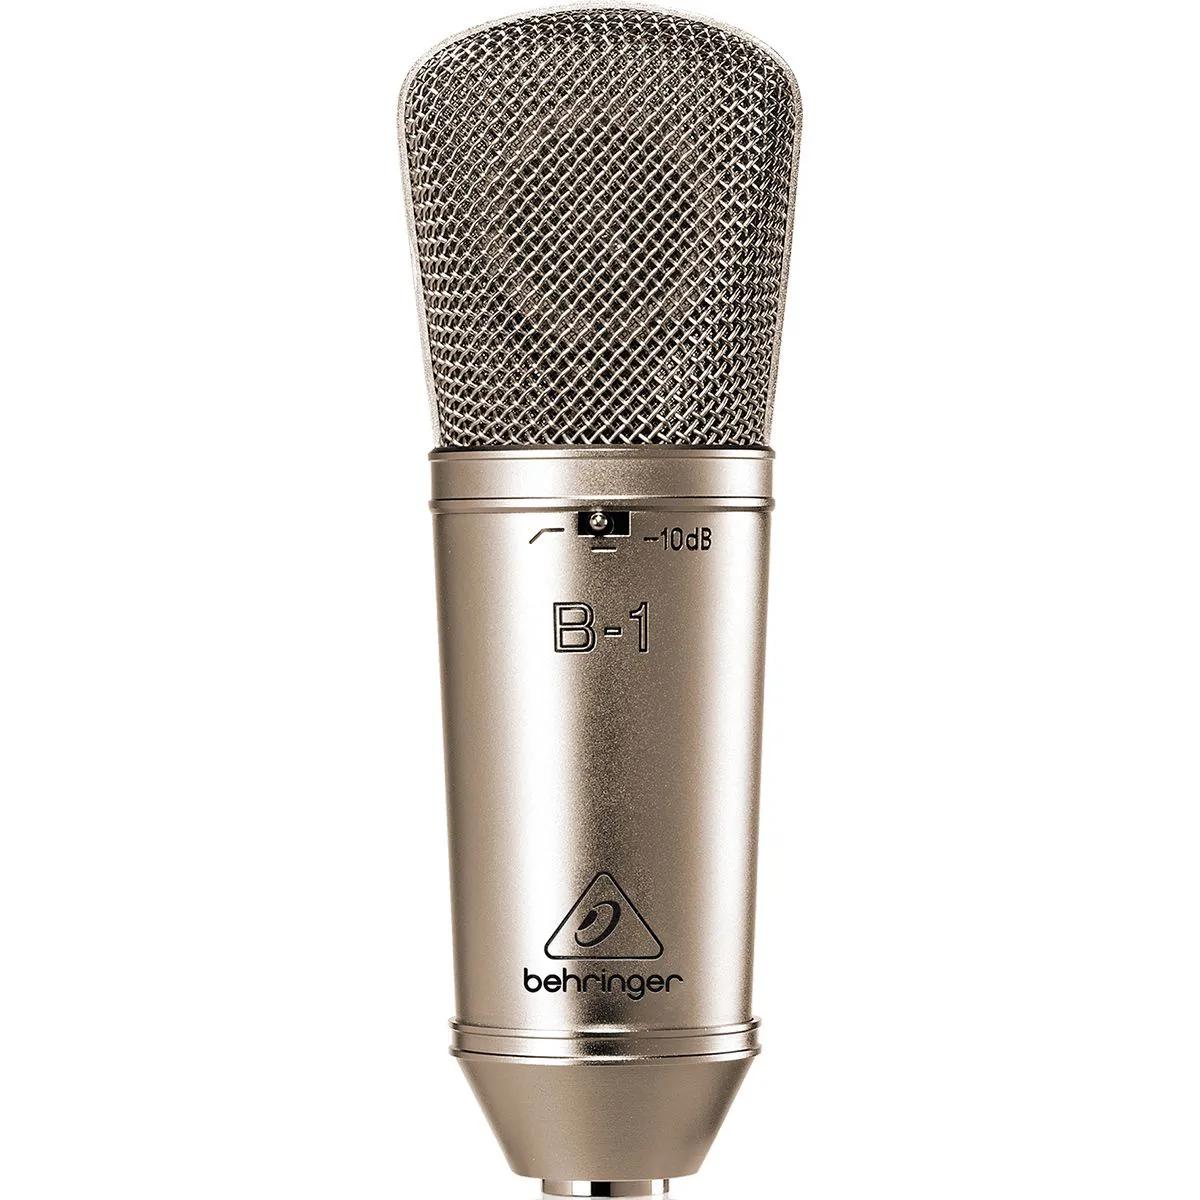 Microfone Condensador Behringer B-1